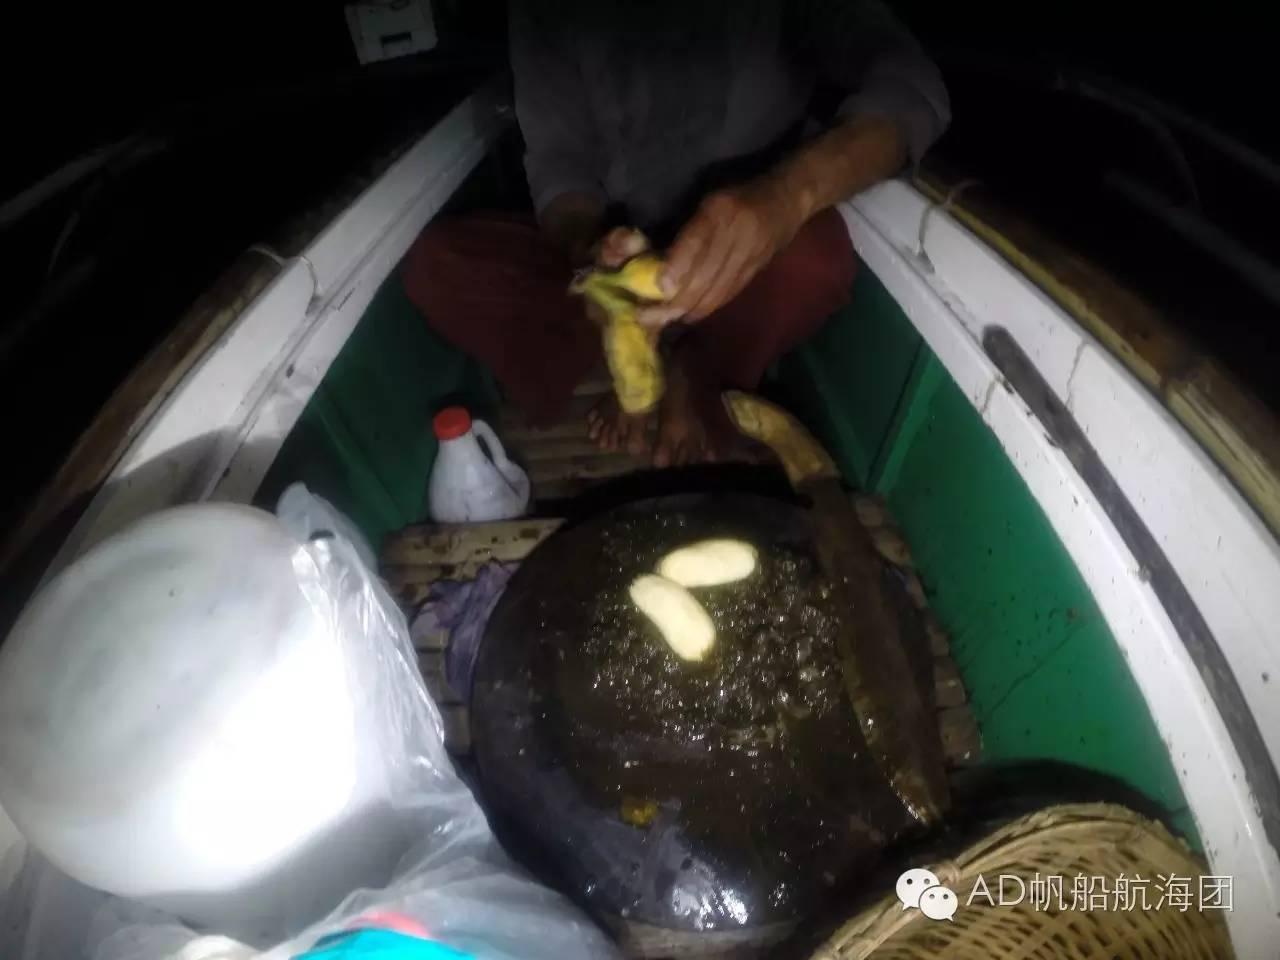 帆船游记二十三:甘米银岛夜捕金枪鱼 1edf144b9334b49fd4de3a607542da43.jpg